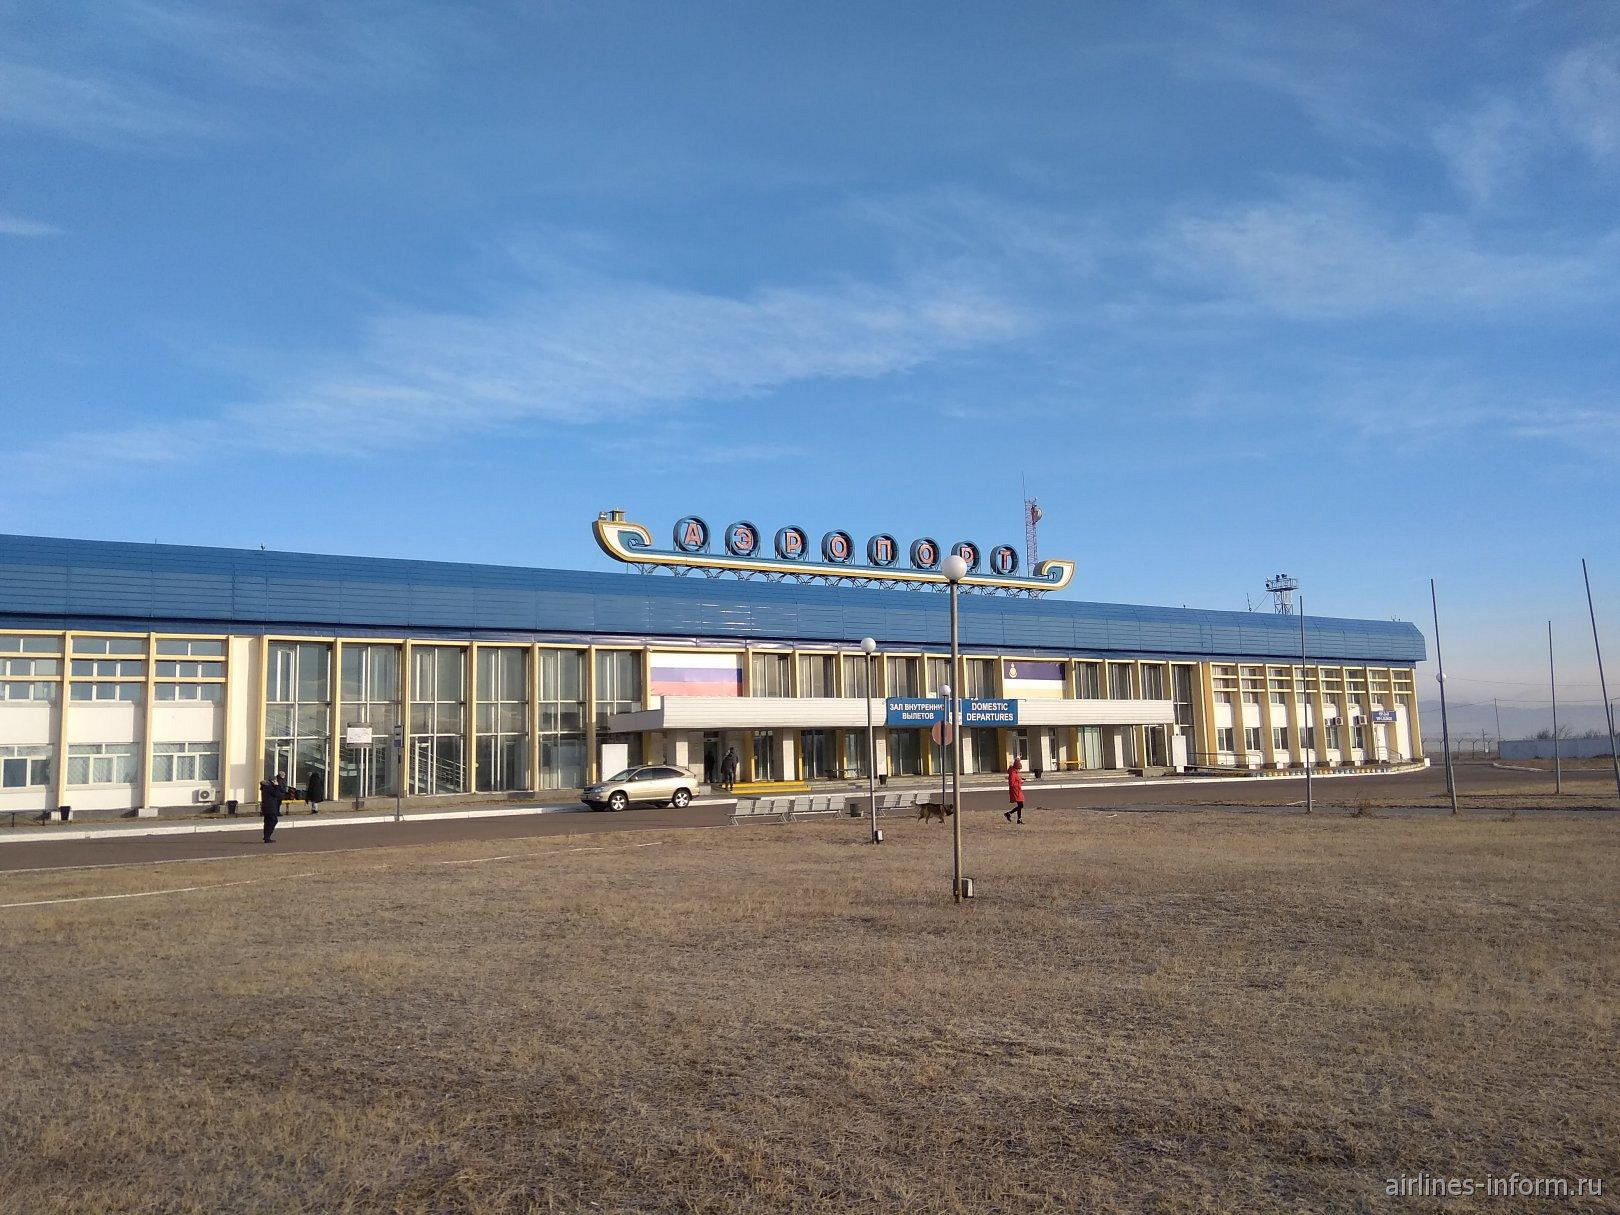 Пассажирский терминал аэропорта Улан-Удэ Байкал